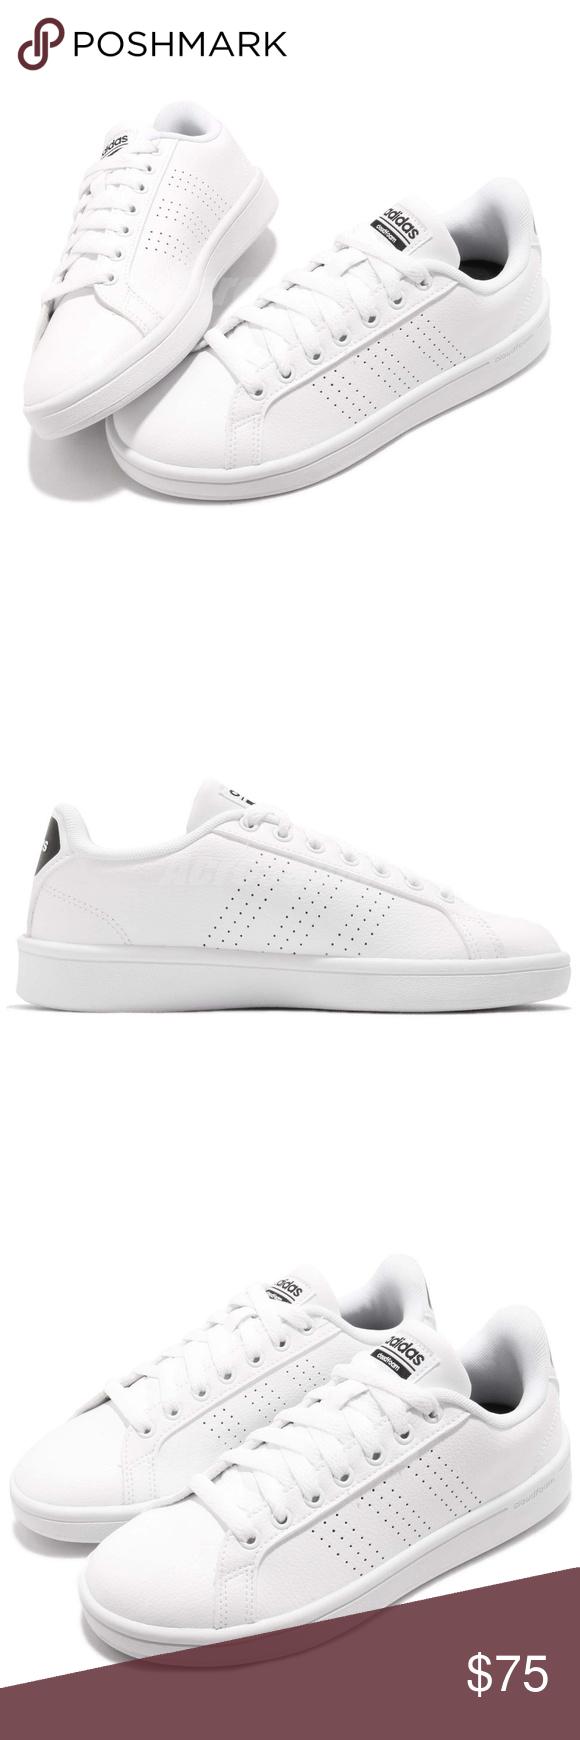 adidas neo di vantaggio cl bianco nero e scarpe da ginnastica boutique pinterest